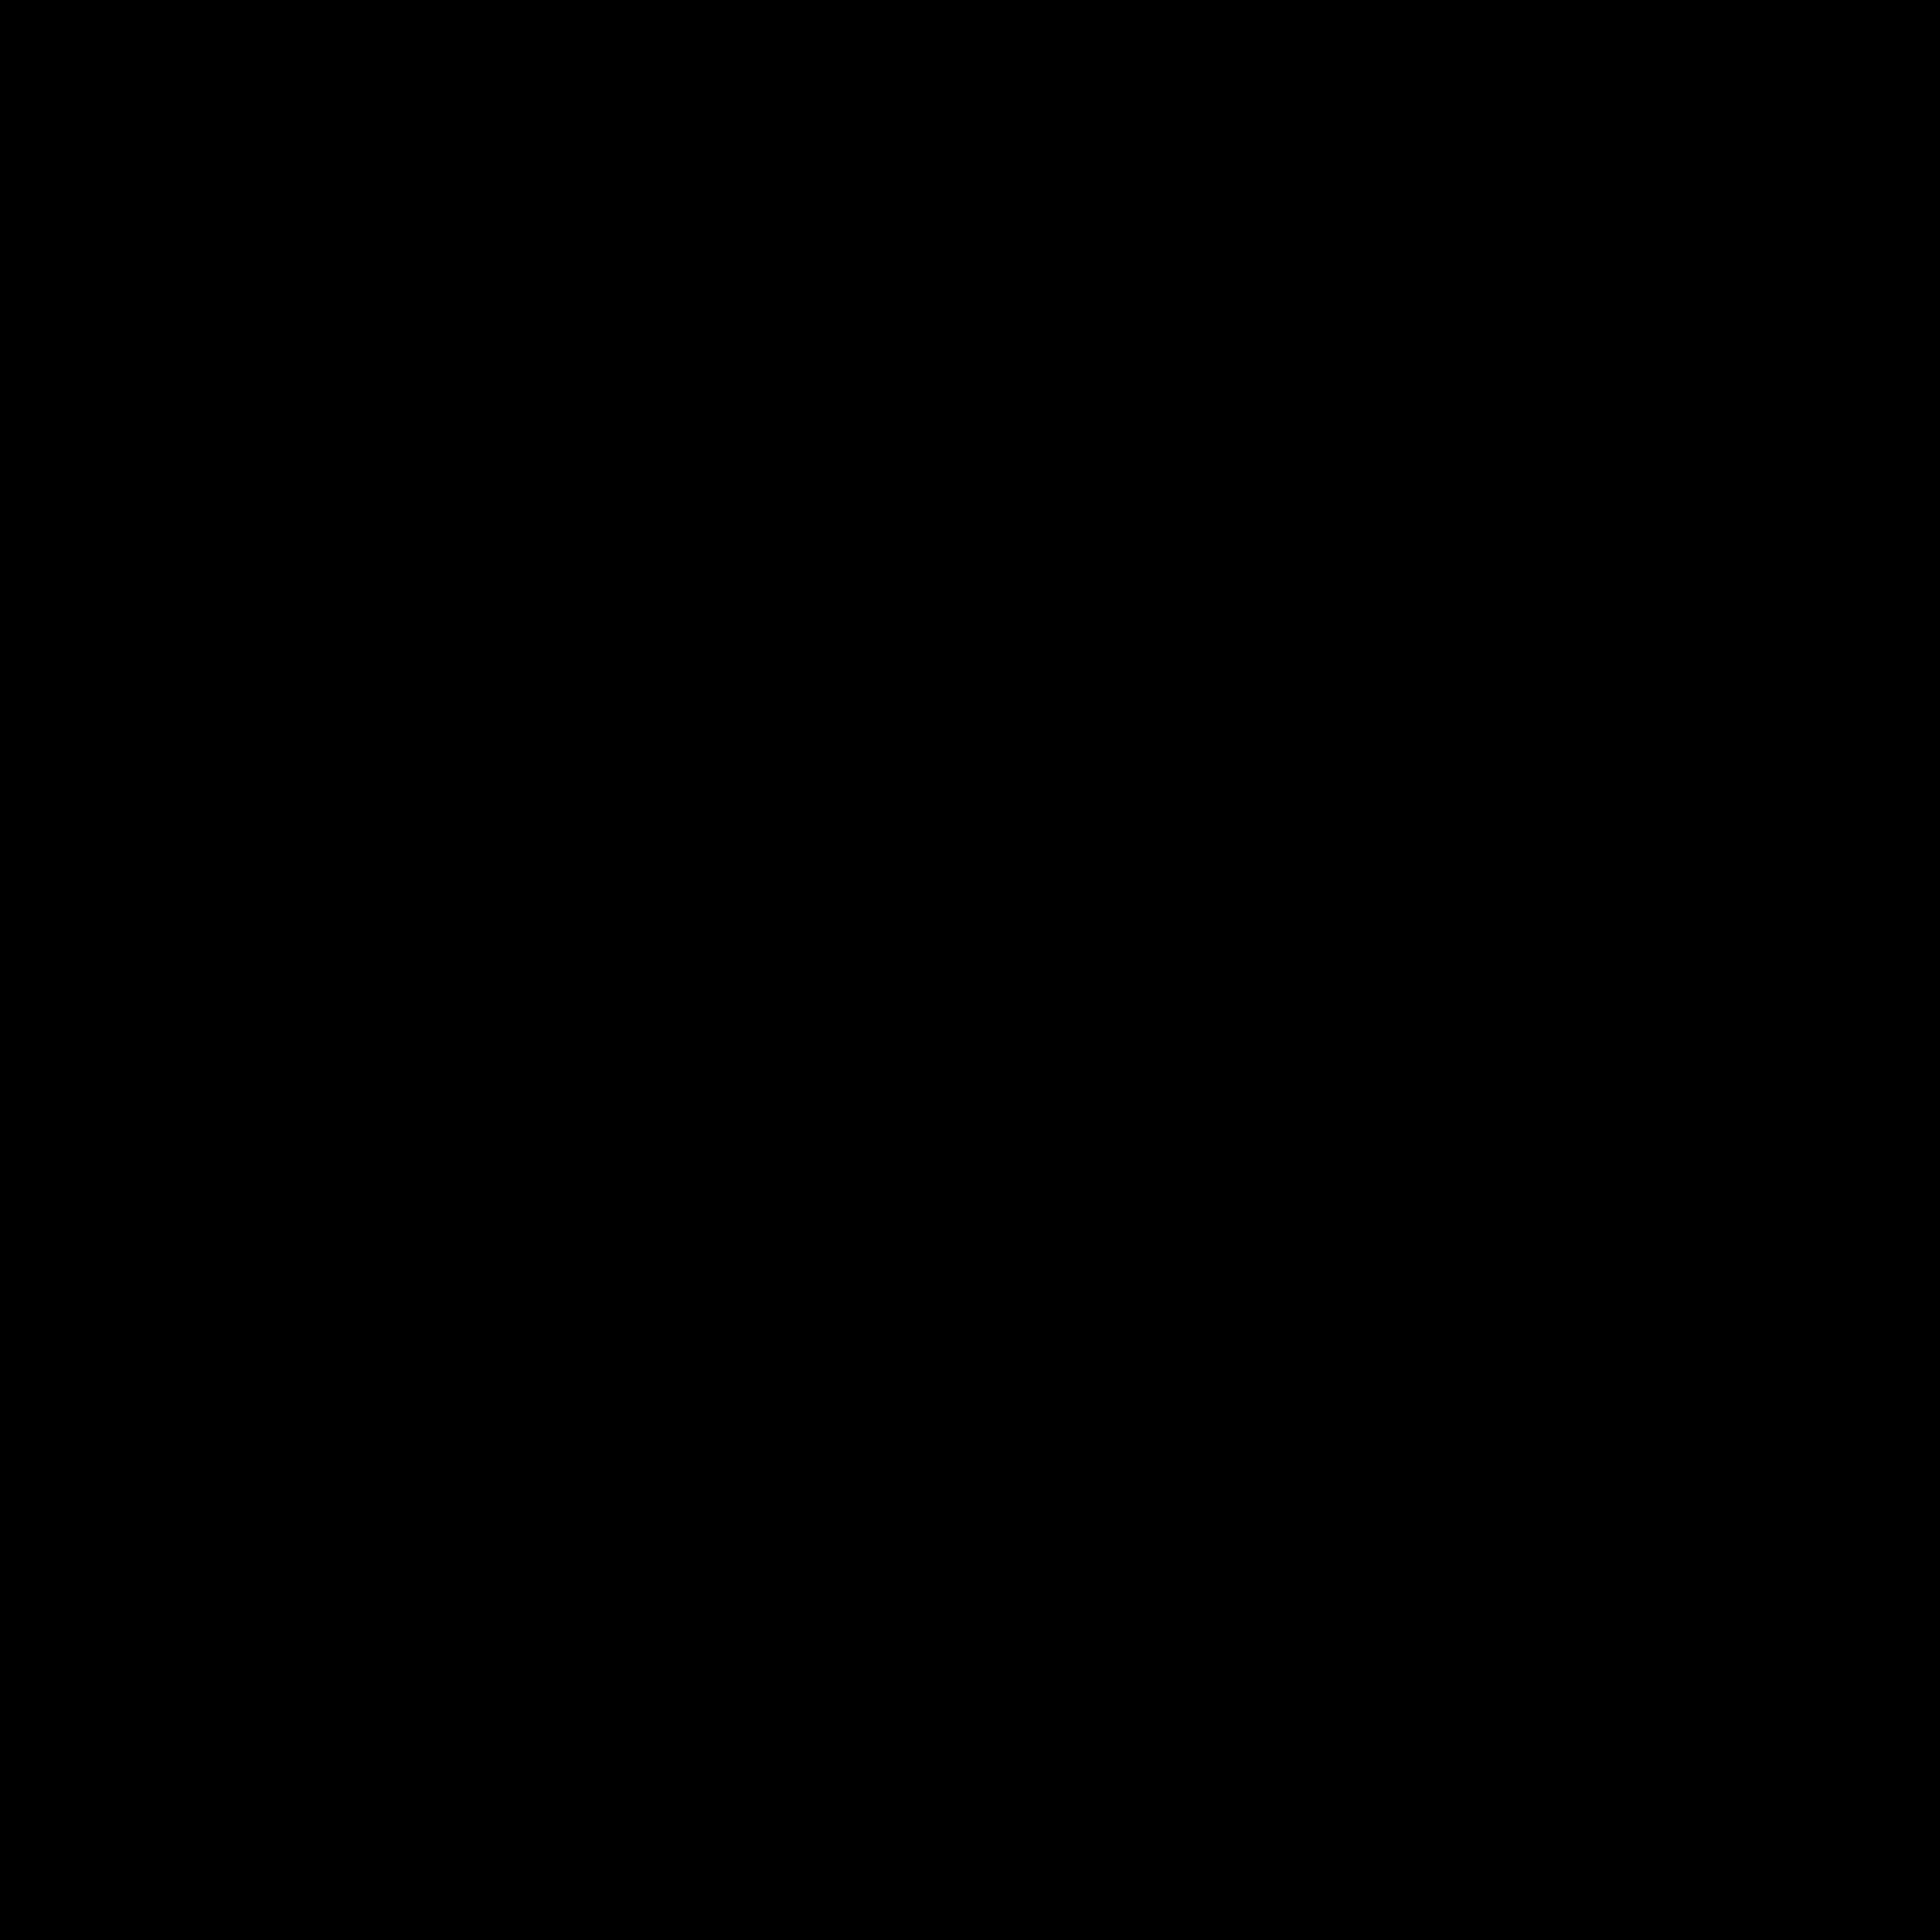 02-2-POST-RANDOM-QUOTE-1-3